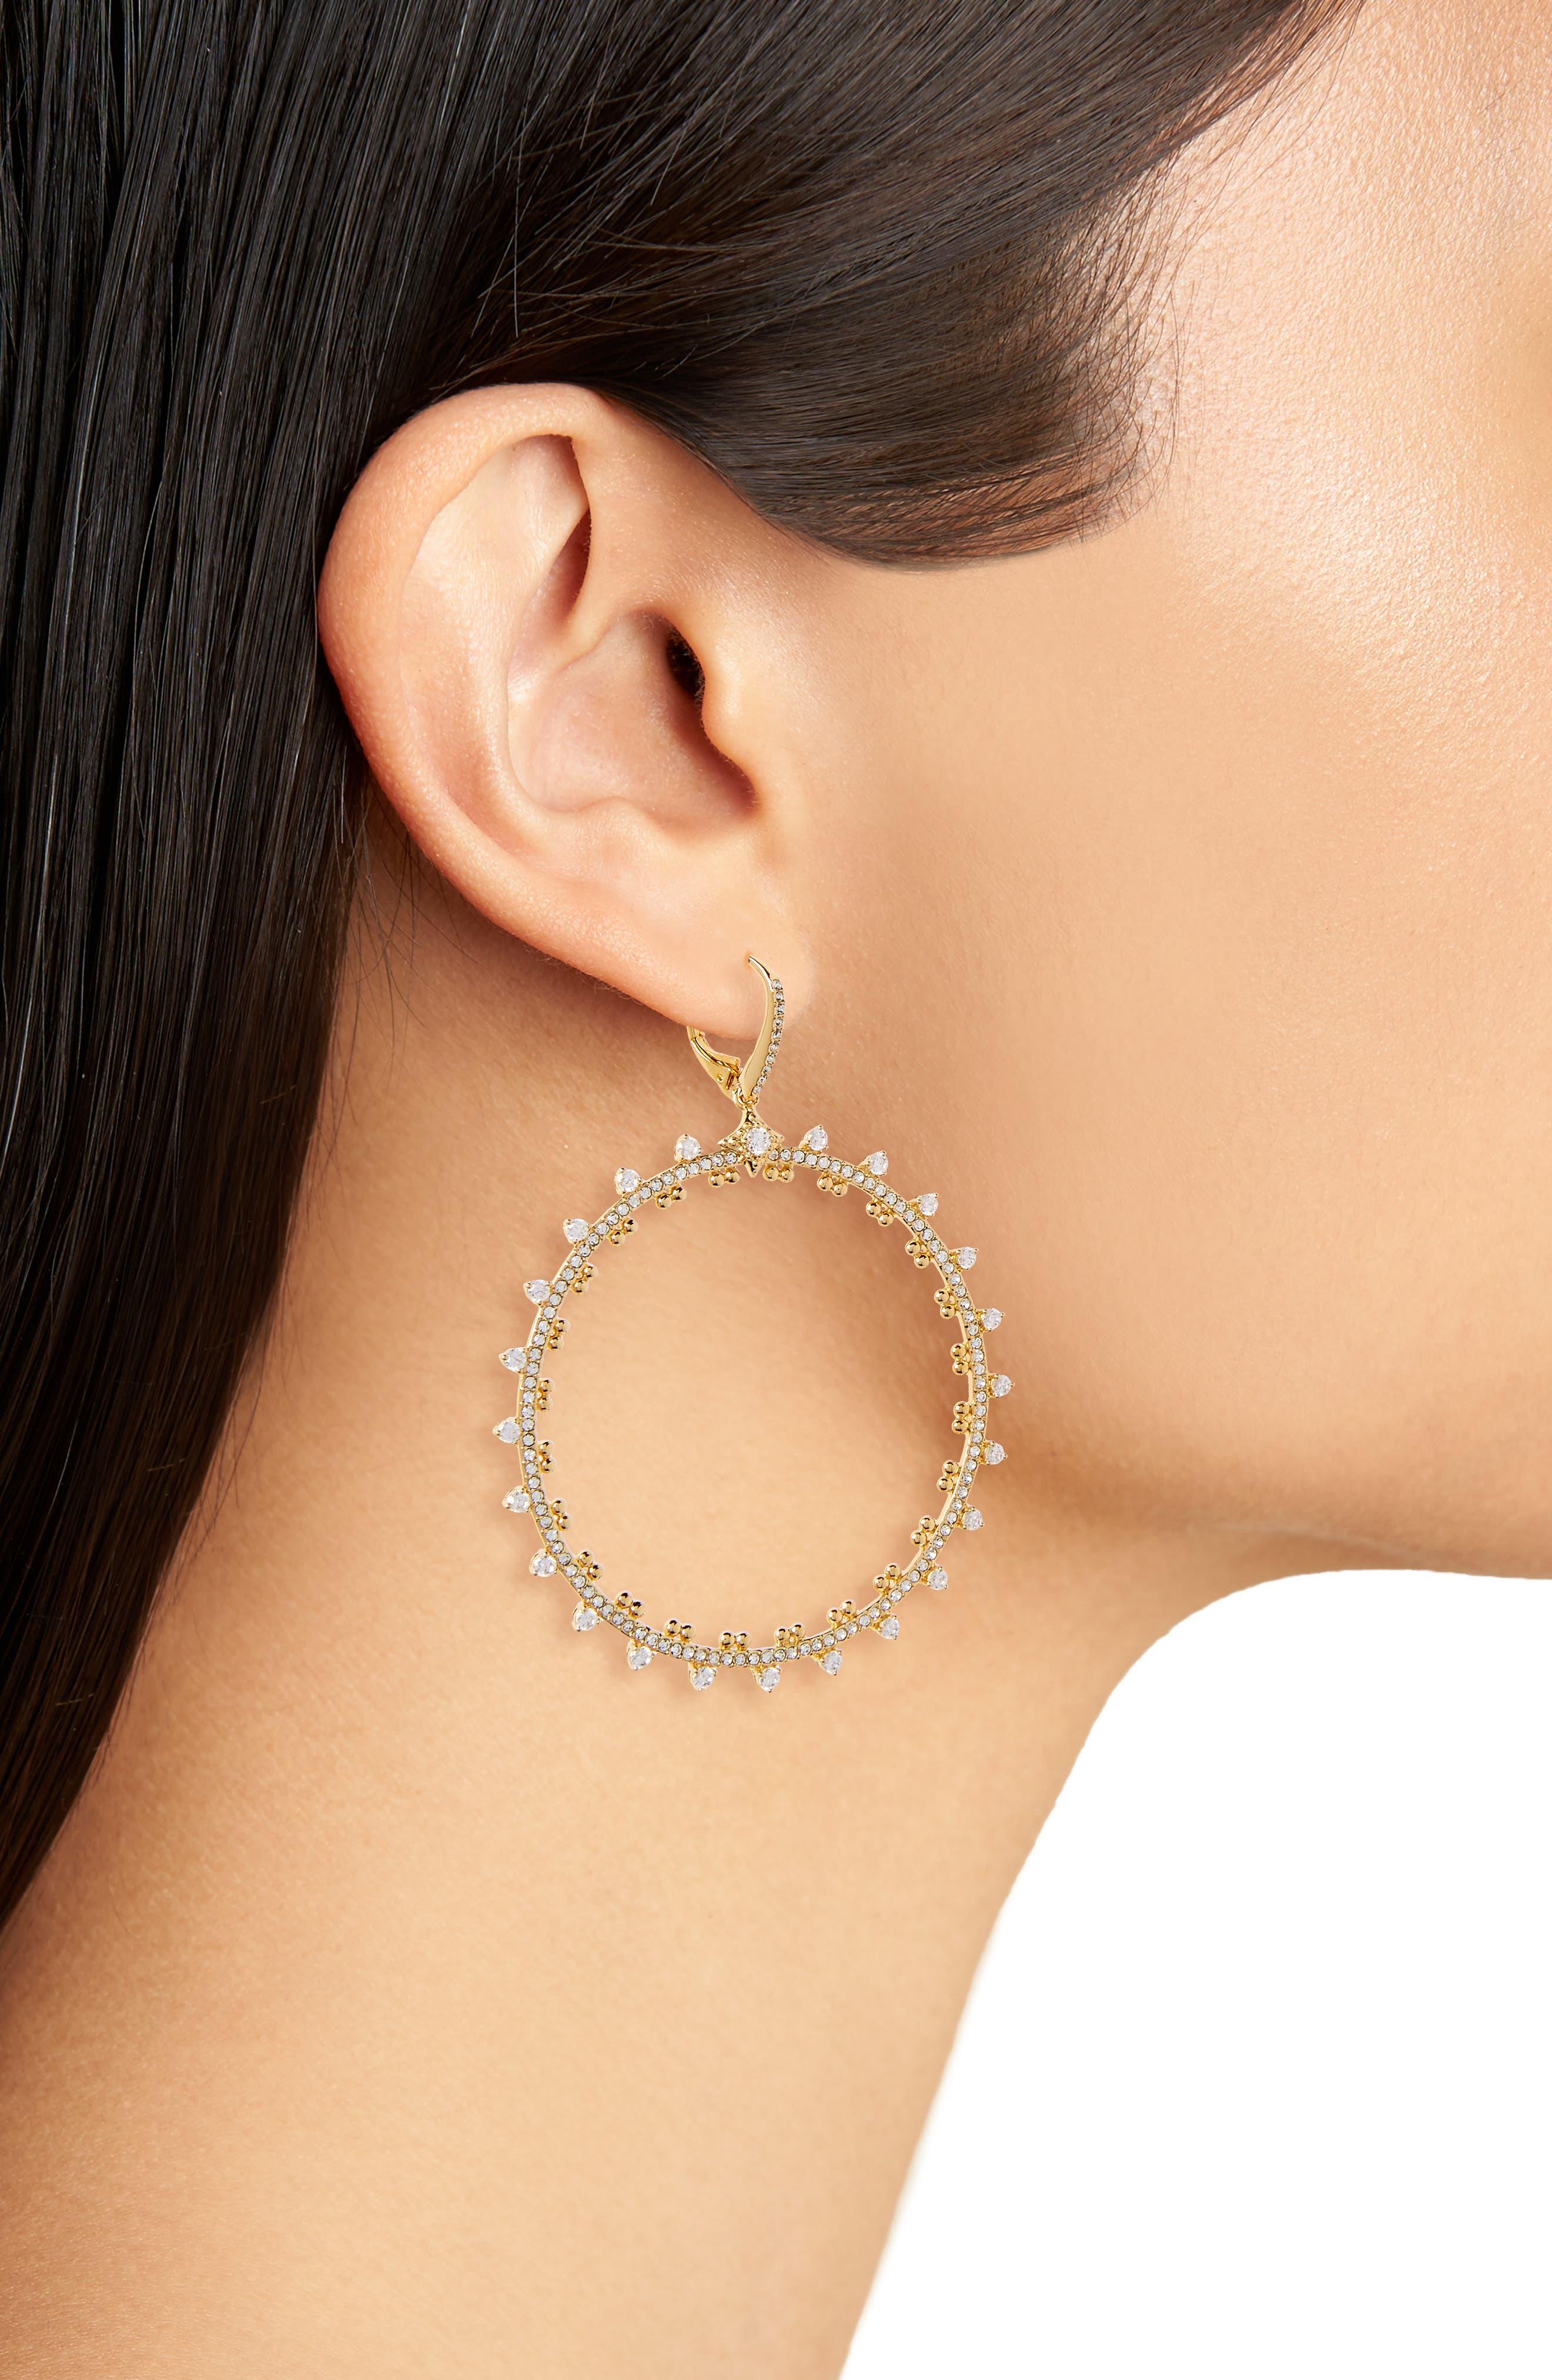 Cardamom Frontal Hoop Earrings,                             Alternate thumbnail 2, color,                             710